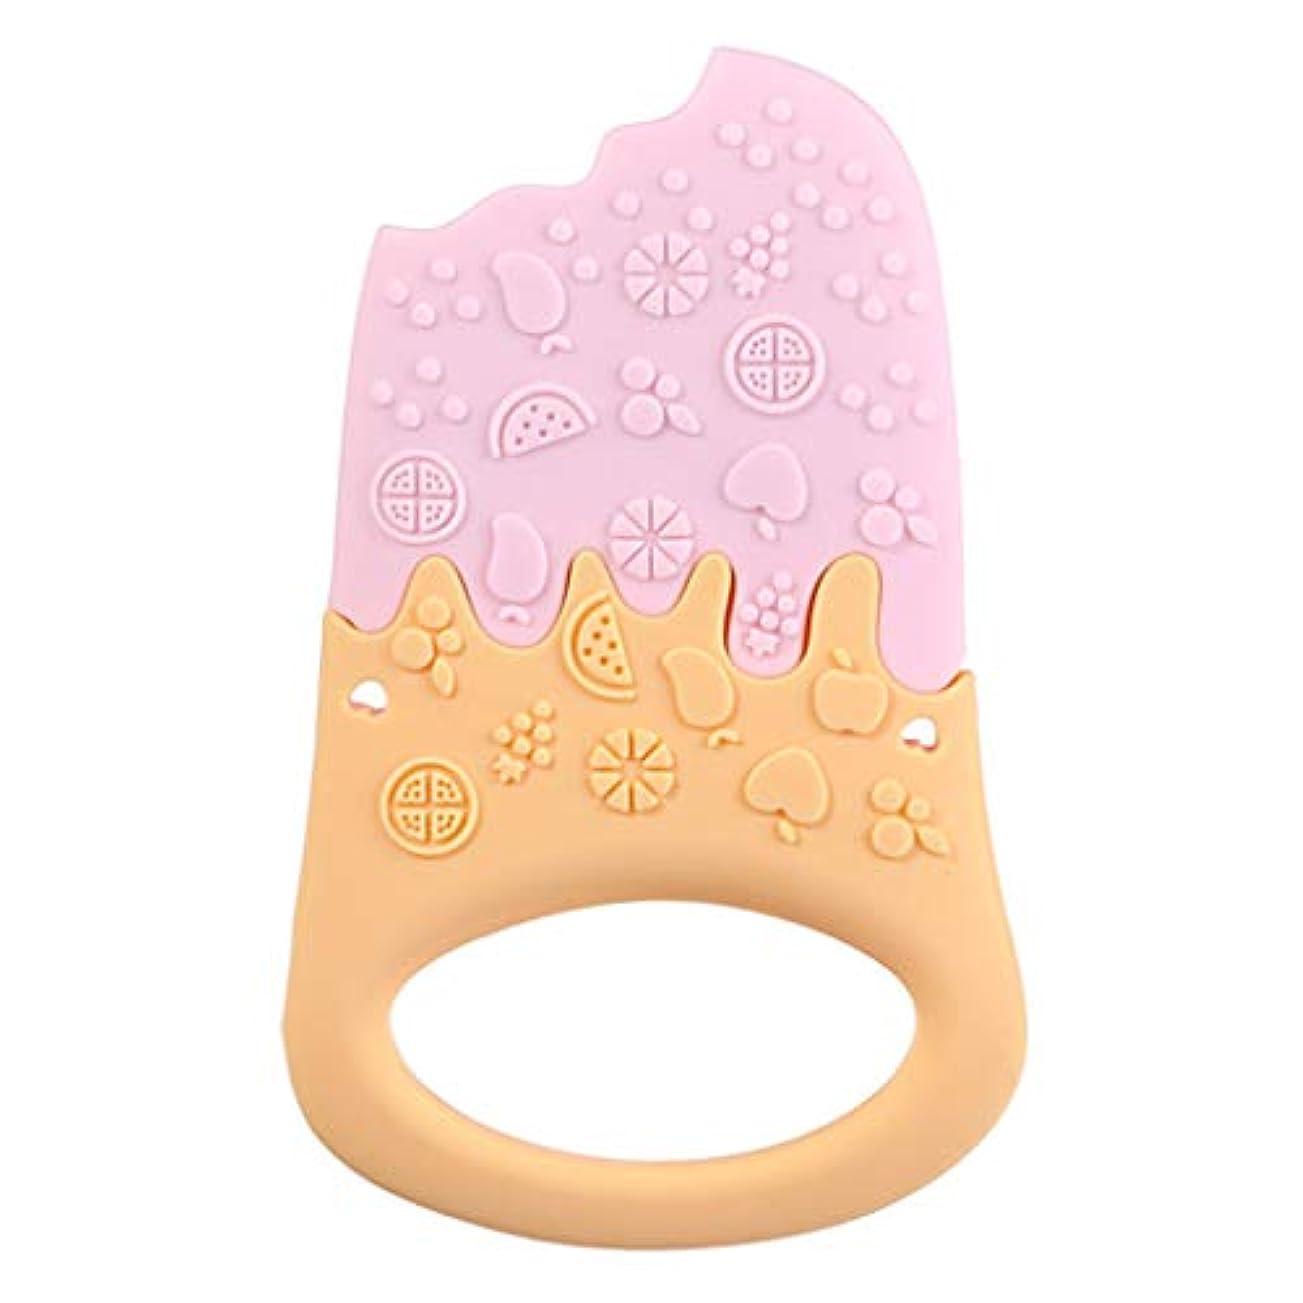 スワップ禁止する噴火Landdumシリコーンティーザーアイスクリームティーザー赤ちゃん看護玩具かむ玩具歯が生えるガラガラおもちゃ - 青